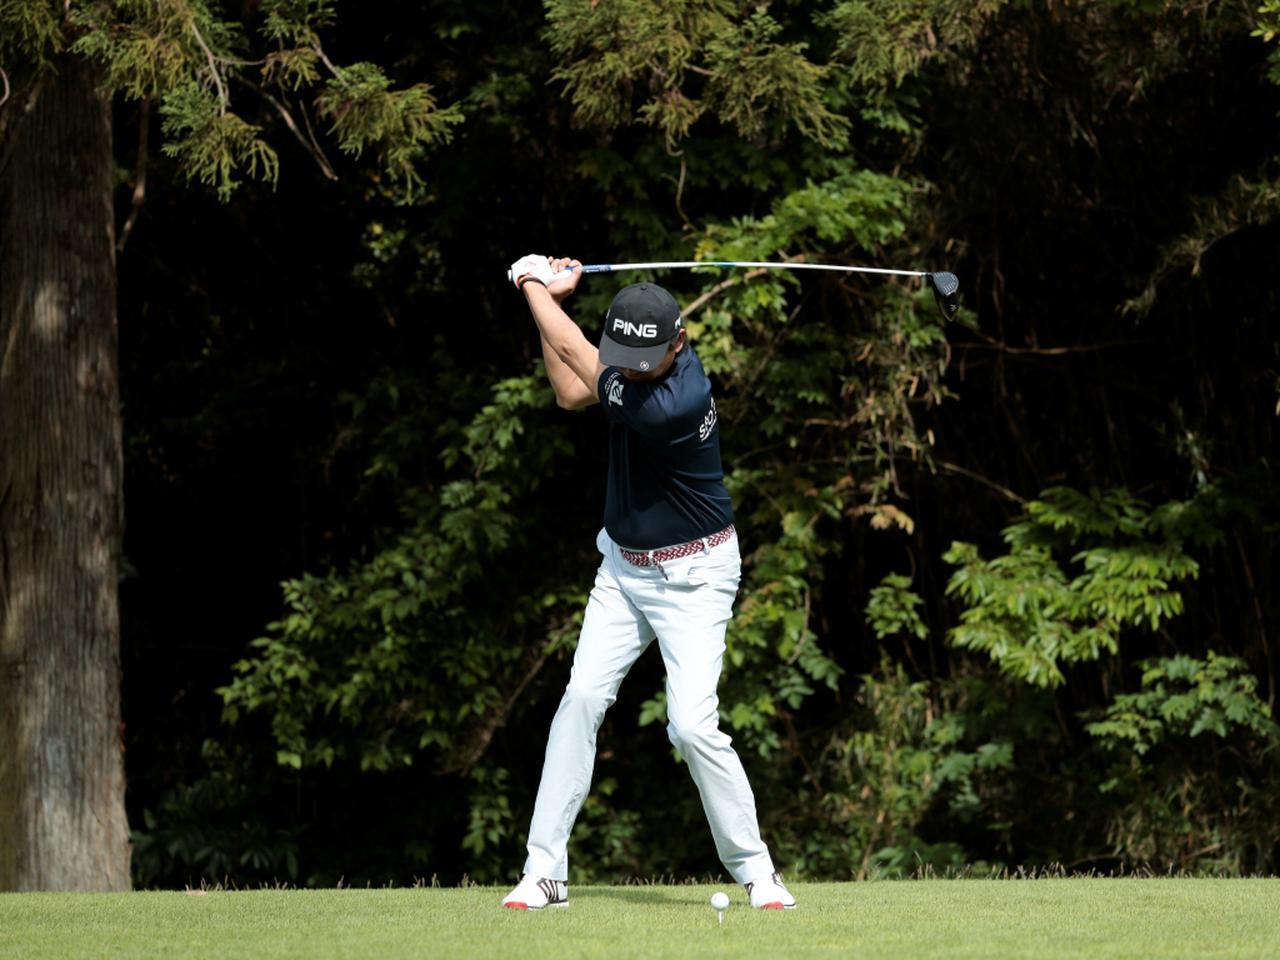 画像4: 【ヒールを喰わないドライバー】マン振りしても芯に当たる! ヘッドスピード40m/s前後のゴルファーの飛距離をアップさせるカスタムモデルが登場